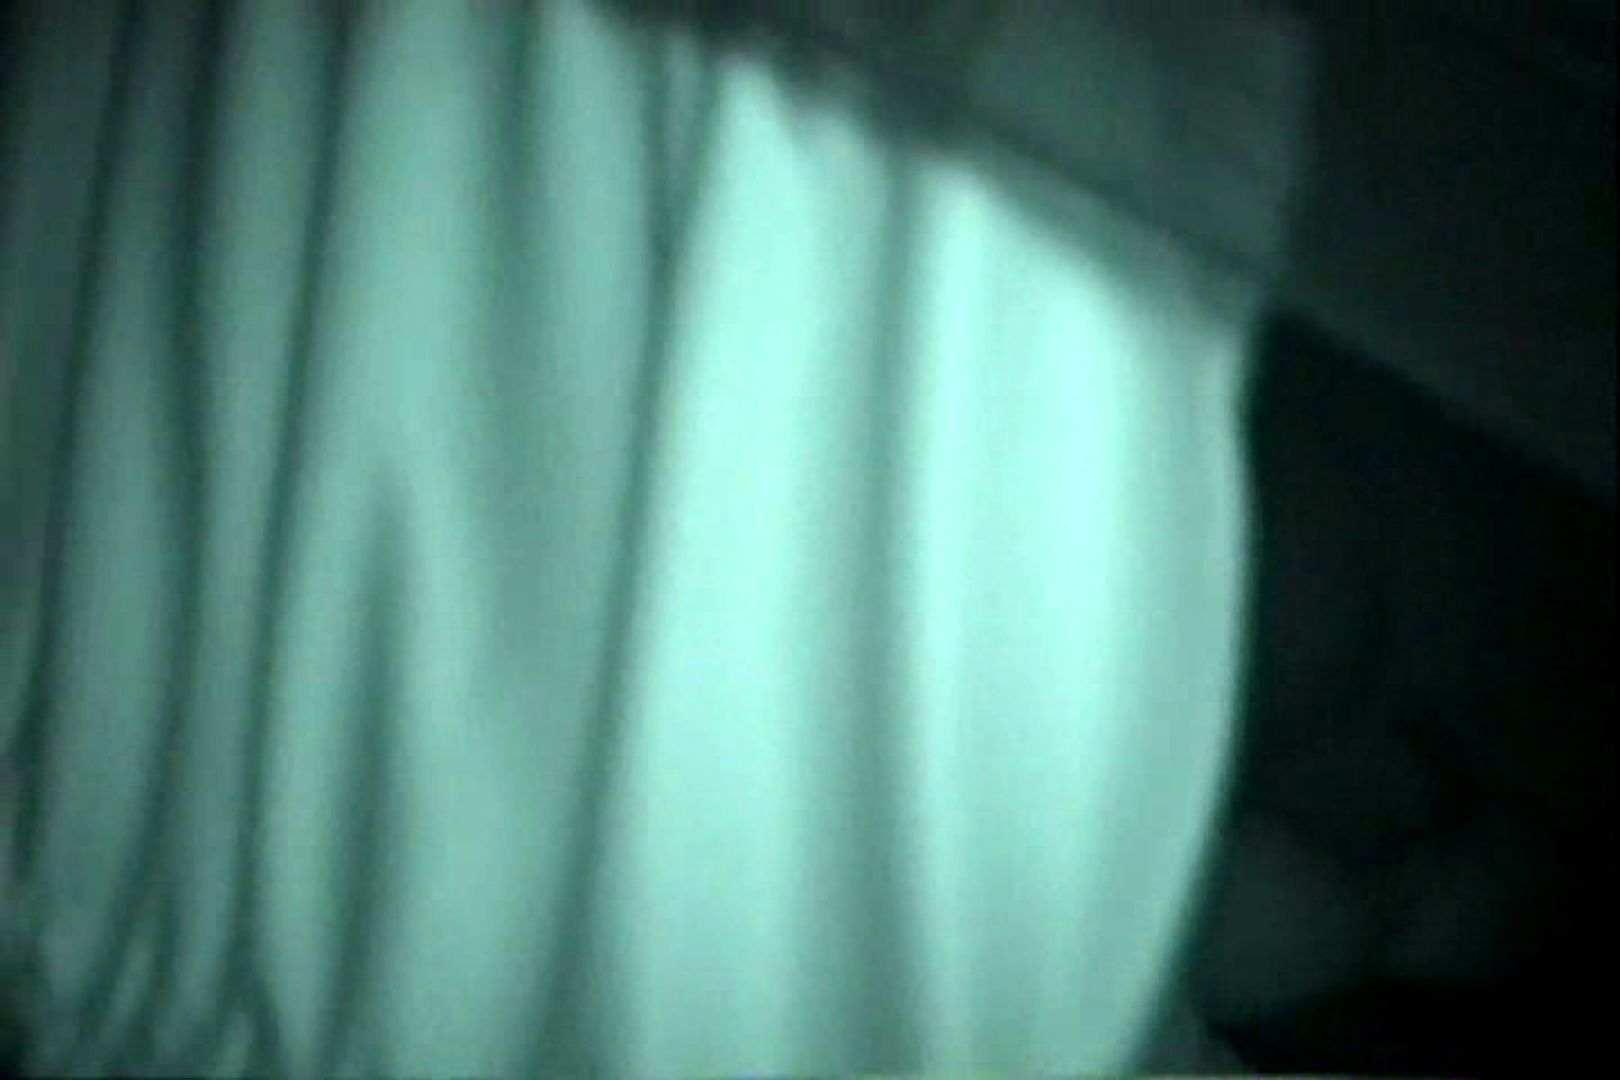 充血監督の深夜の運動会Vol.129 無修正マンコ 隠し撮りオマンコ動画紹介 97PIX 73